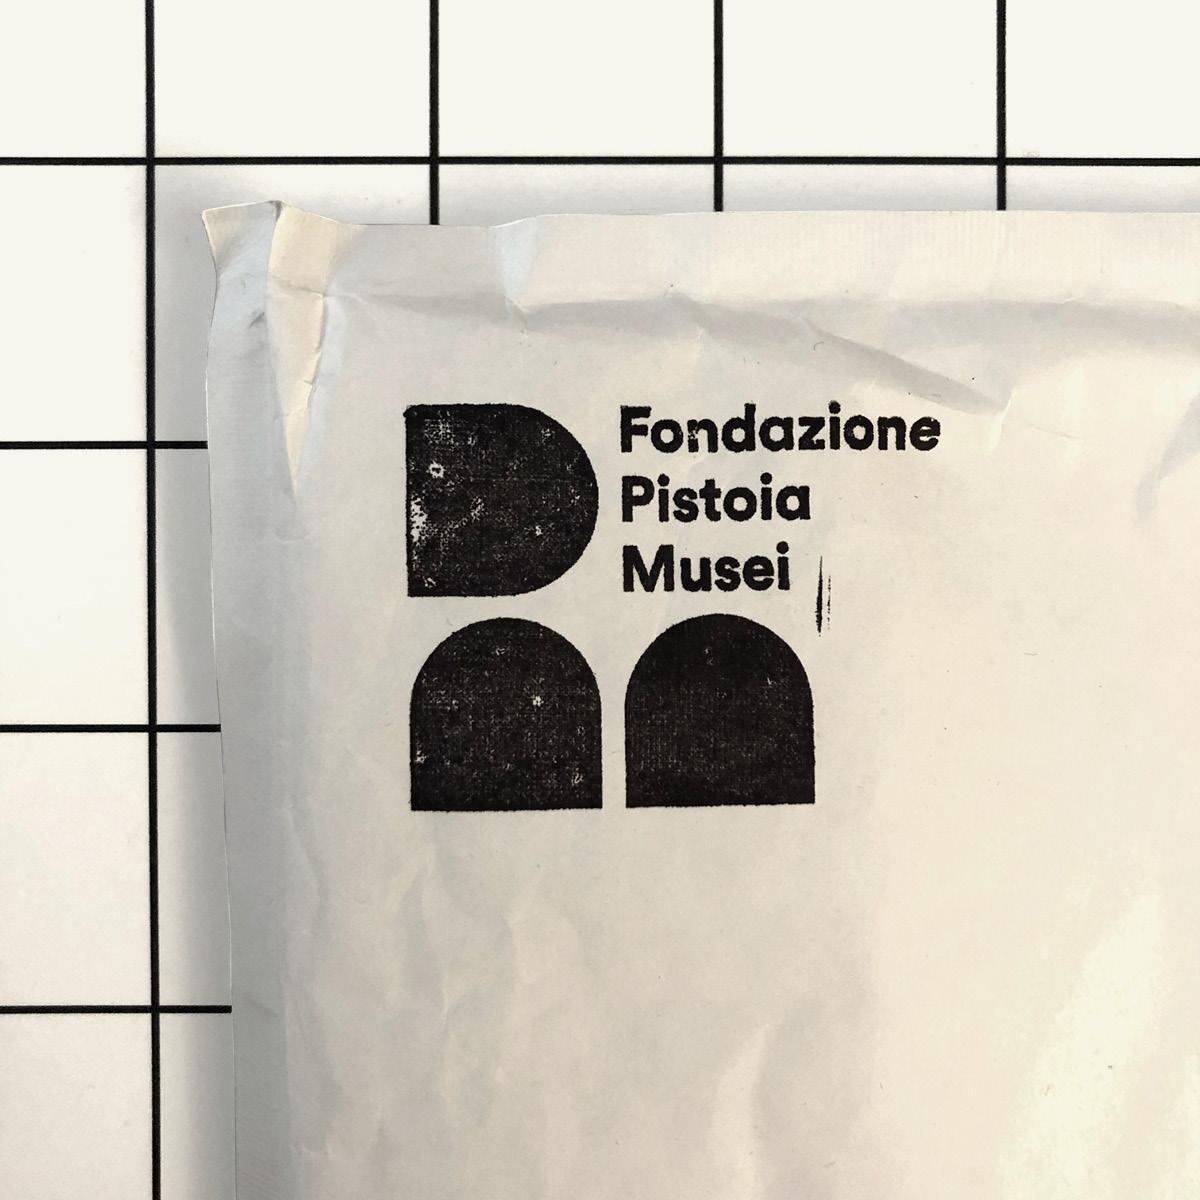 Fondazione-Pistoia-Musei-008